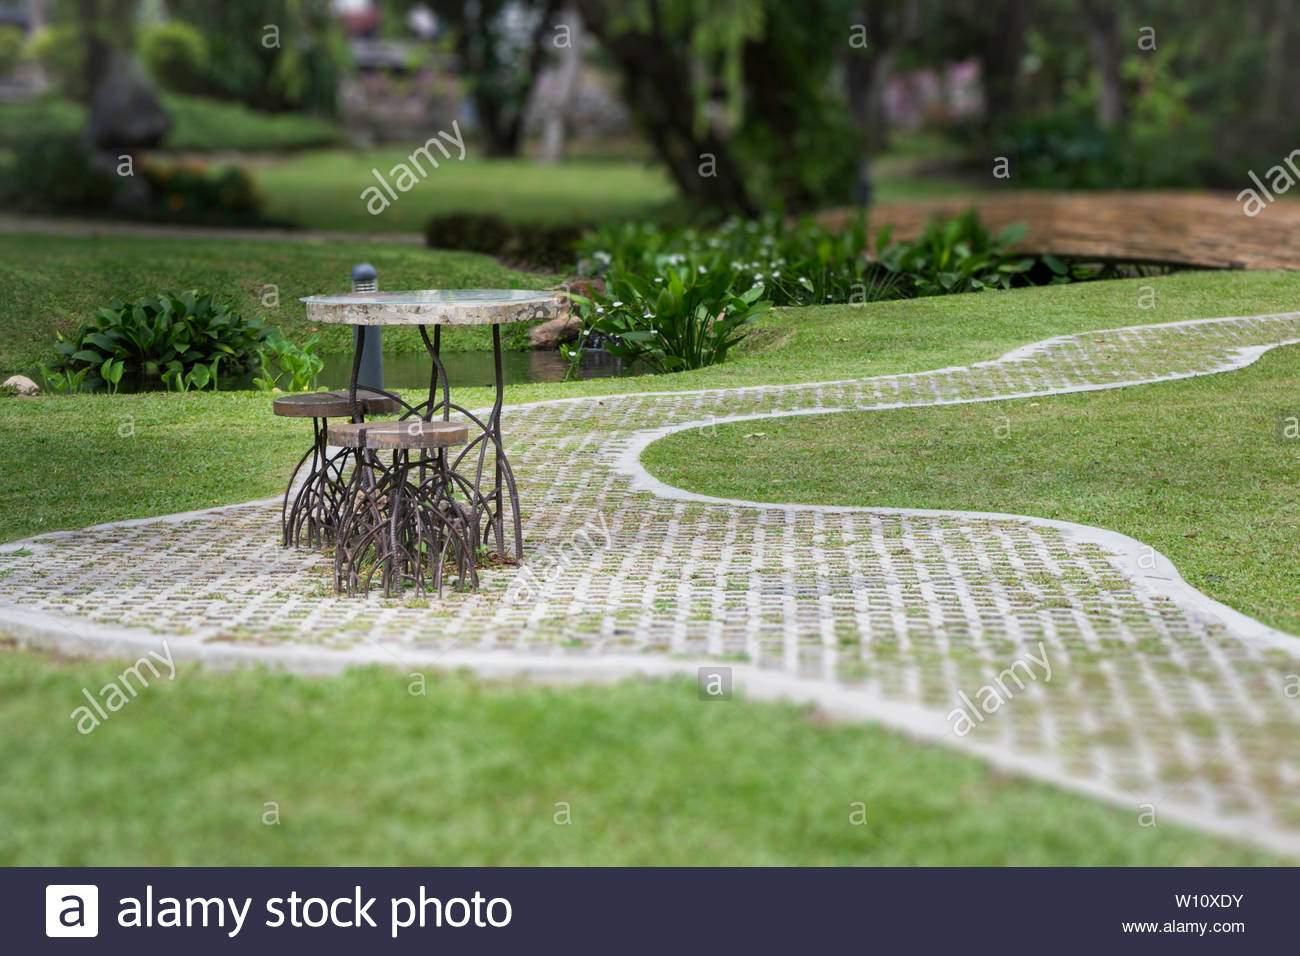 Schöner Garten Das Beste Von Schöner Garten Mit Wanderweg Im sommer Foto Stockfoto Bild